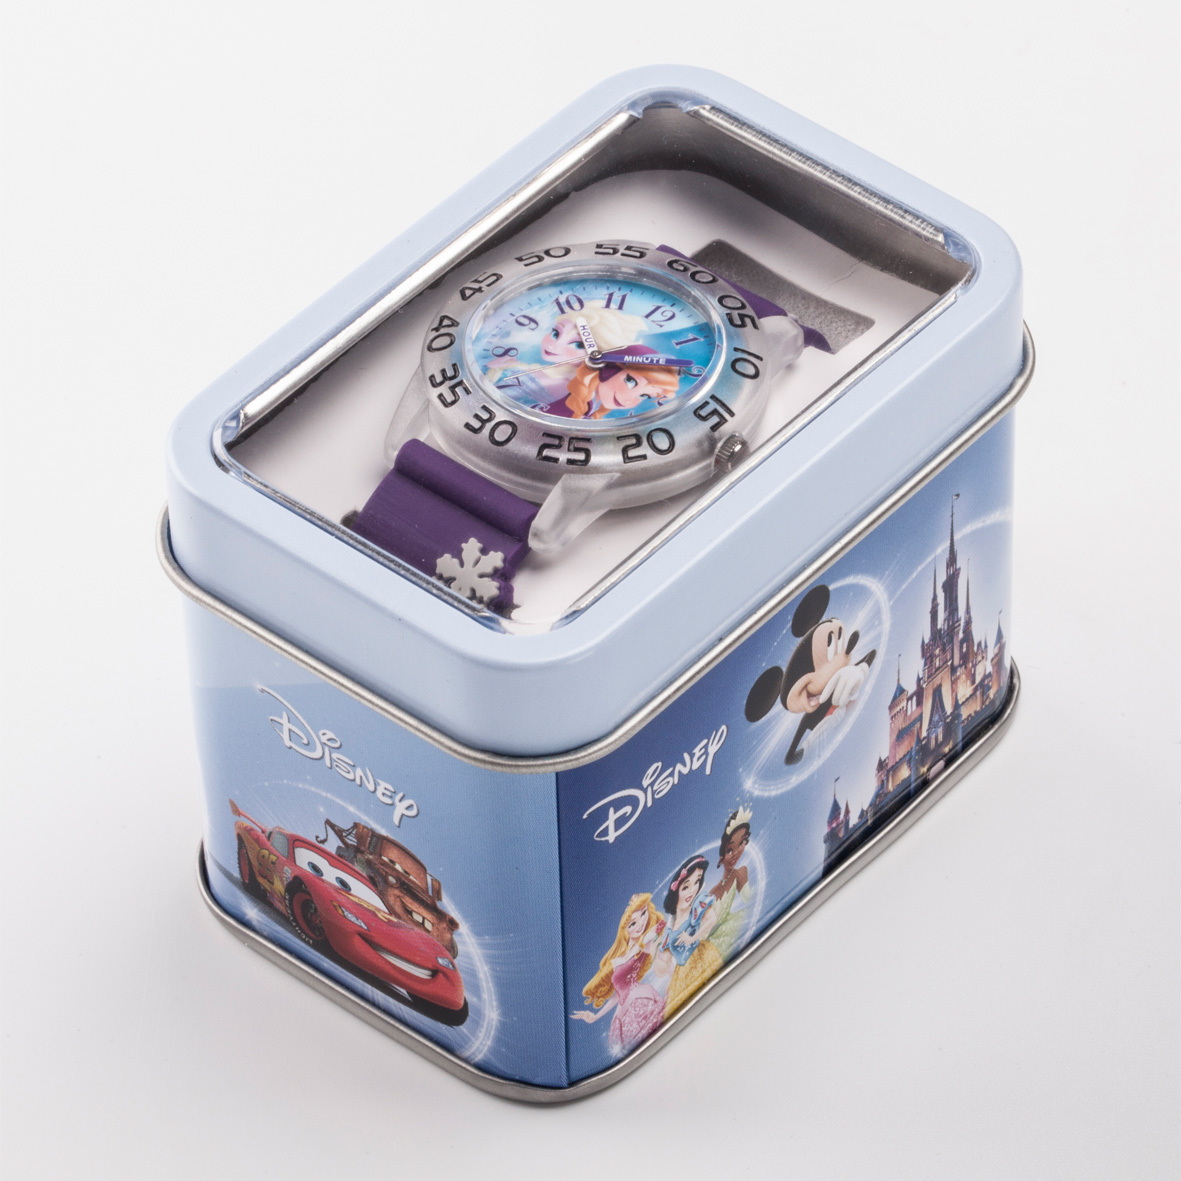 DIW002033-packaging_disney-marvel_watches.jpg